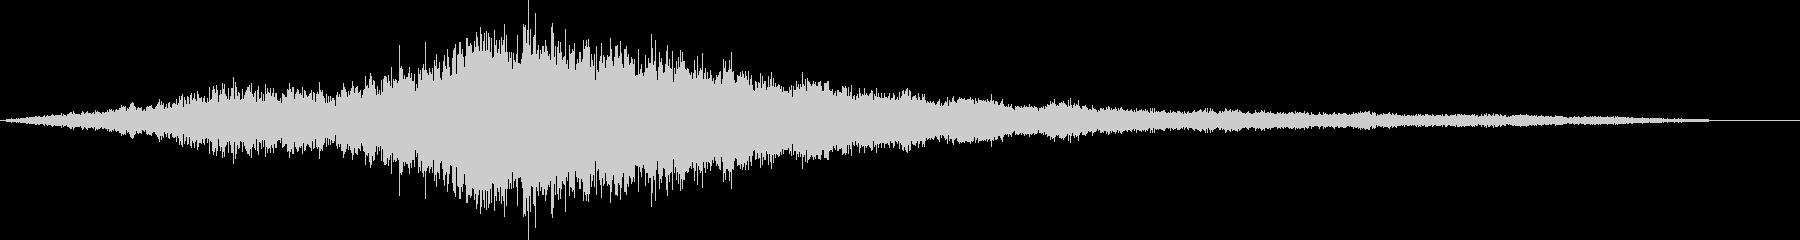 ライドシンバルのロールの未再生の波形